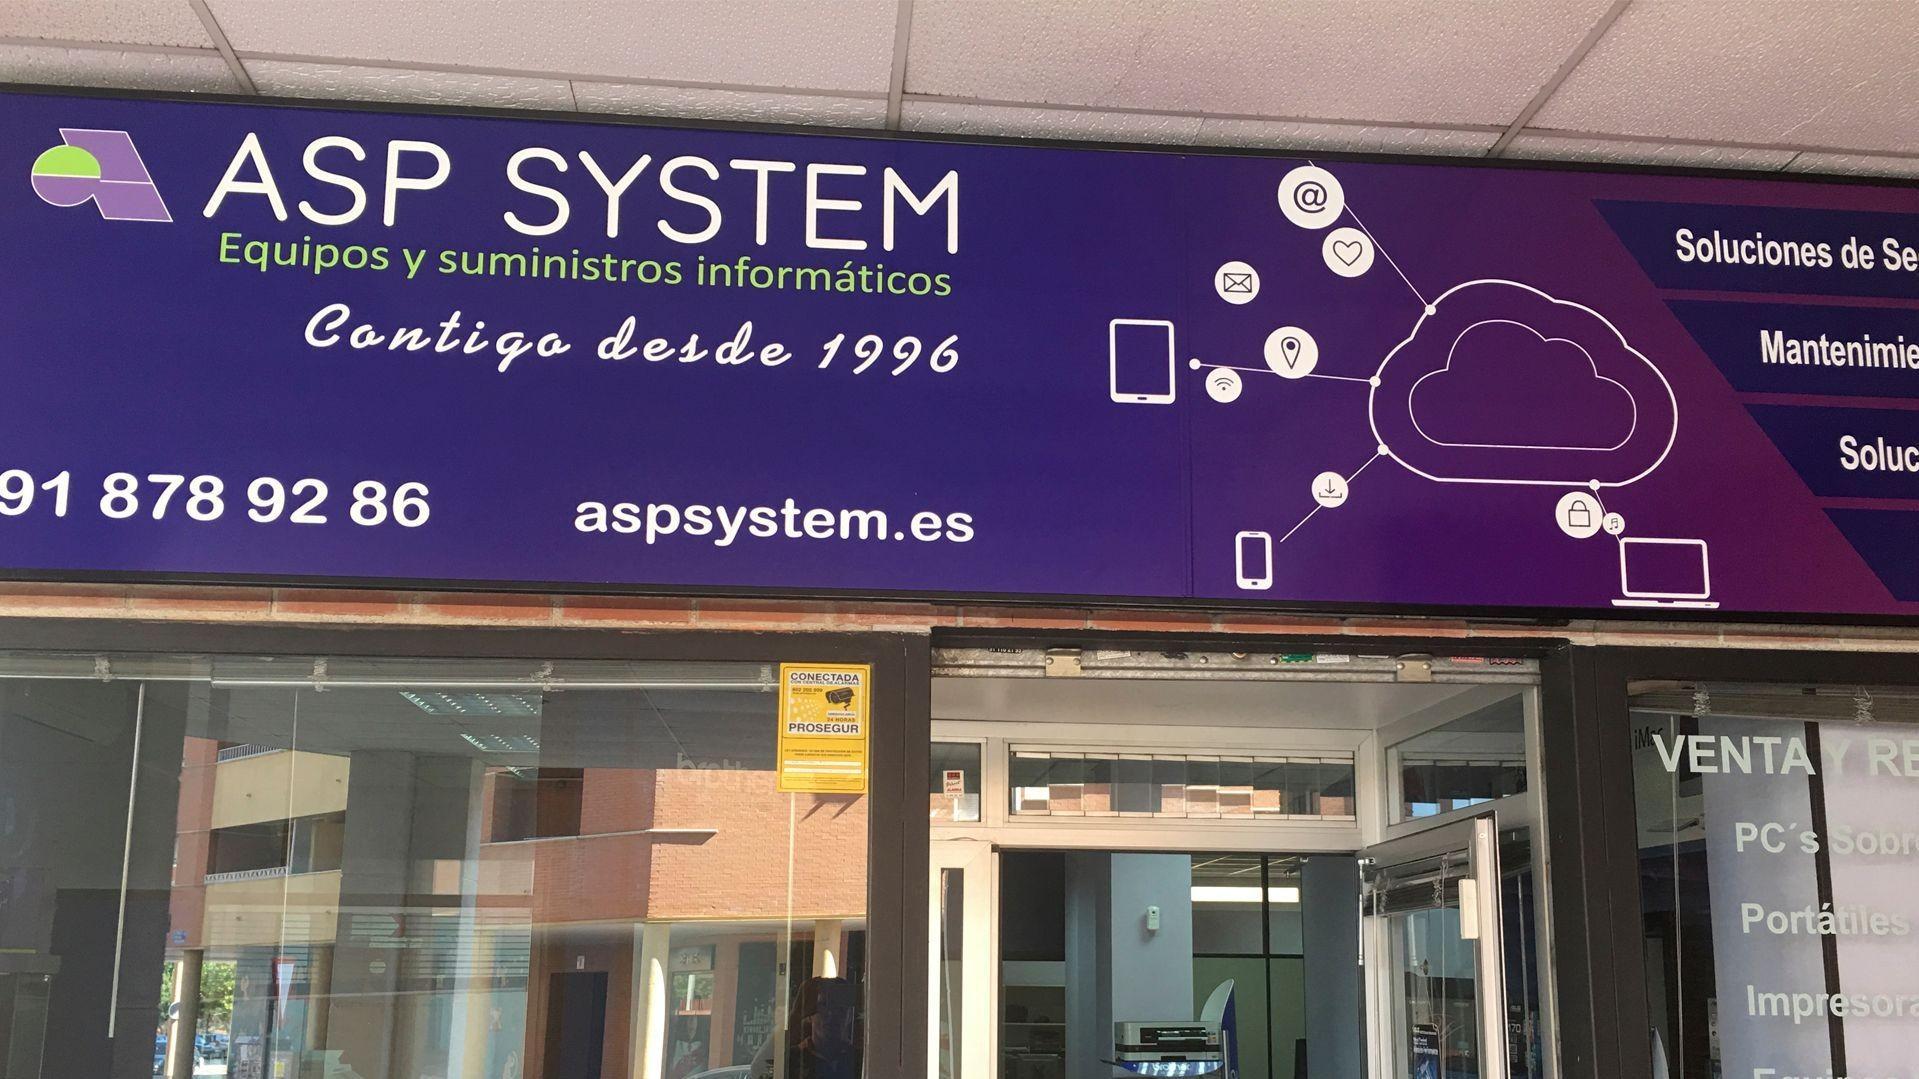 Equipos y suministros informáticos en Alcalá de Henares